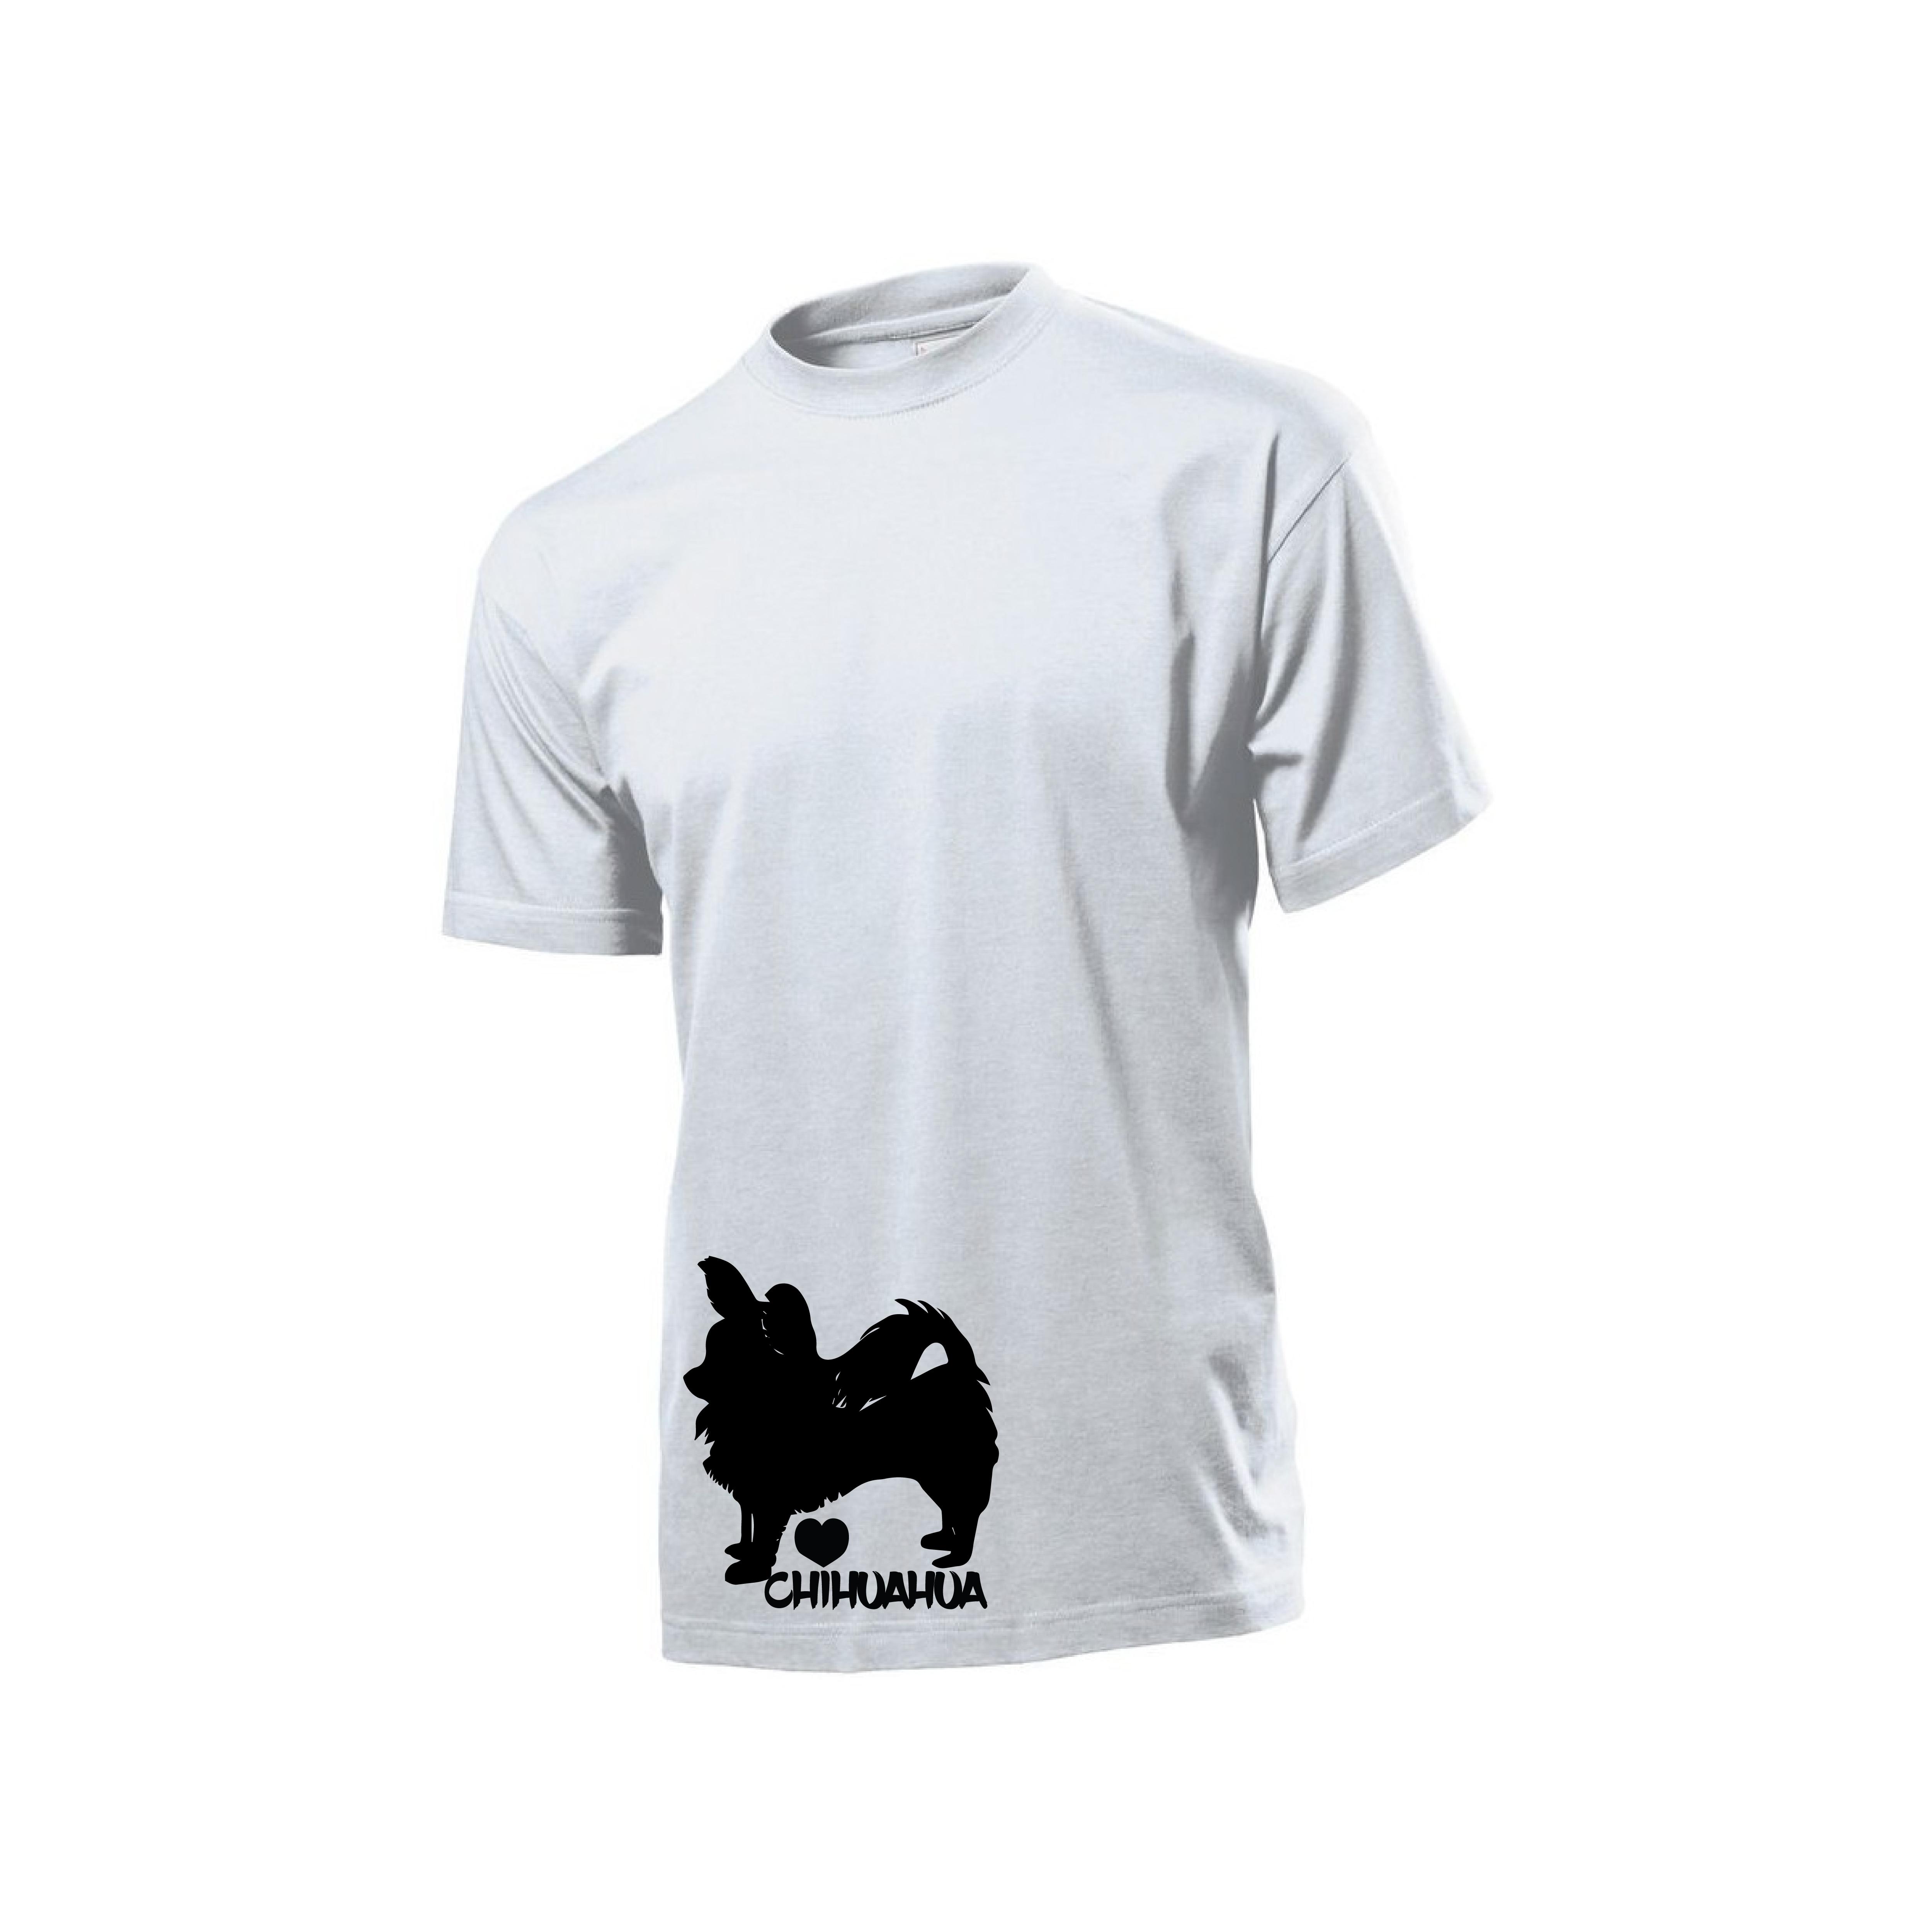 Tričko s potiskem Čivava dlouhosrstá 8526a7cb8c